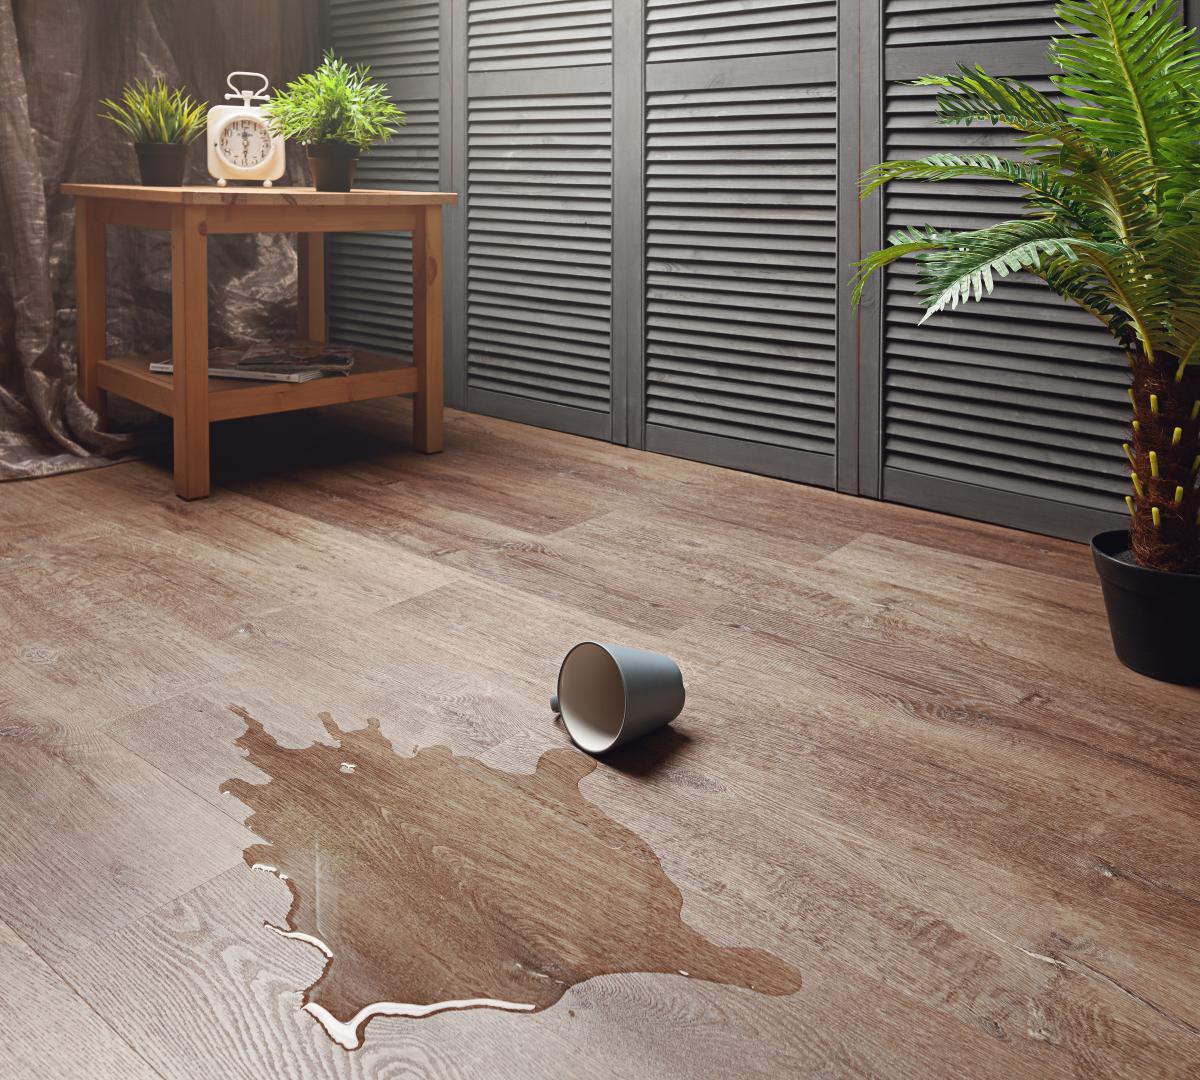 Клеевая ПВХ плитка Aquafloor Real Wood AF6033 Glue (1219,2*177,8*2 мм) 20шт/4,335м2